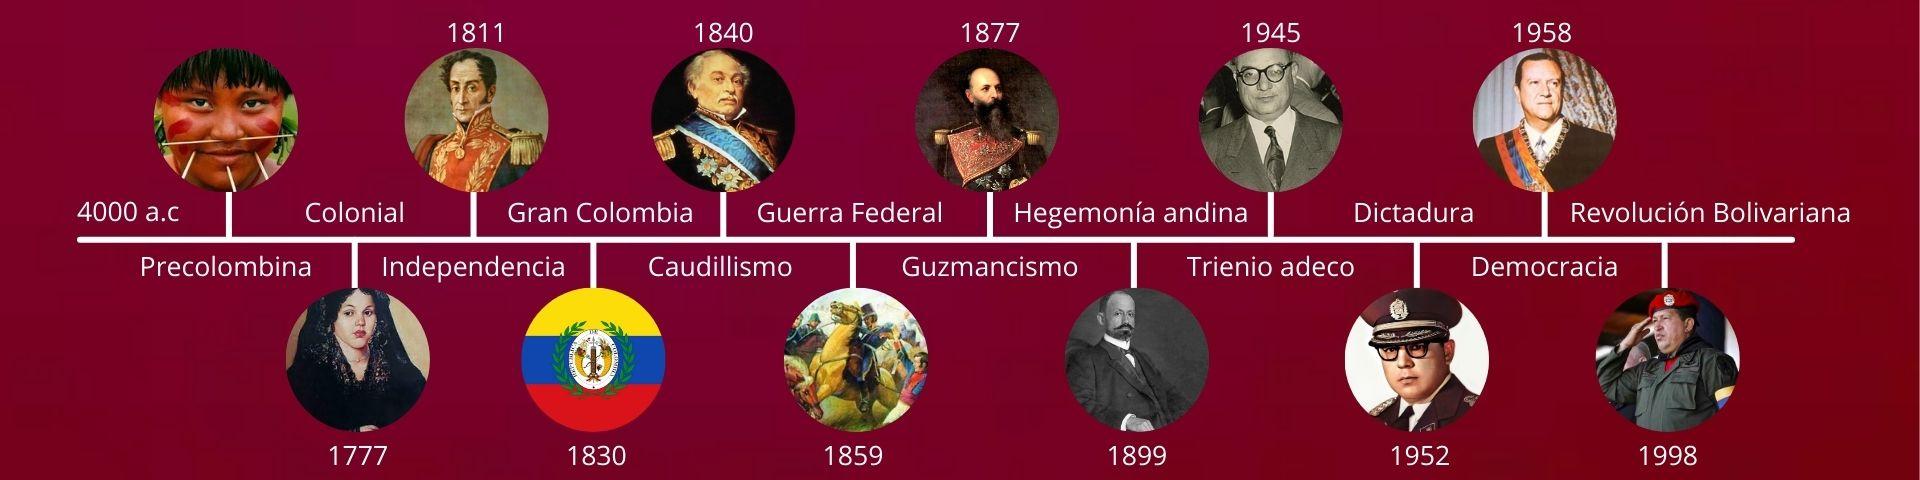 Línea de tiempo de los períodos de la historia de Venezuela